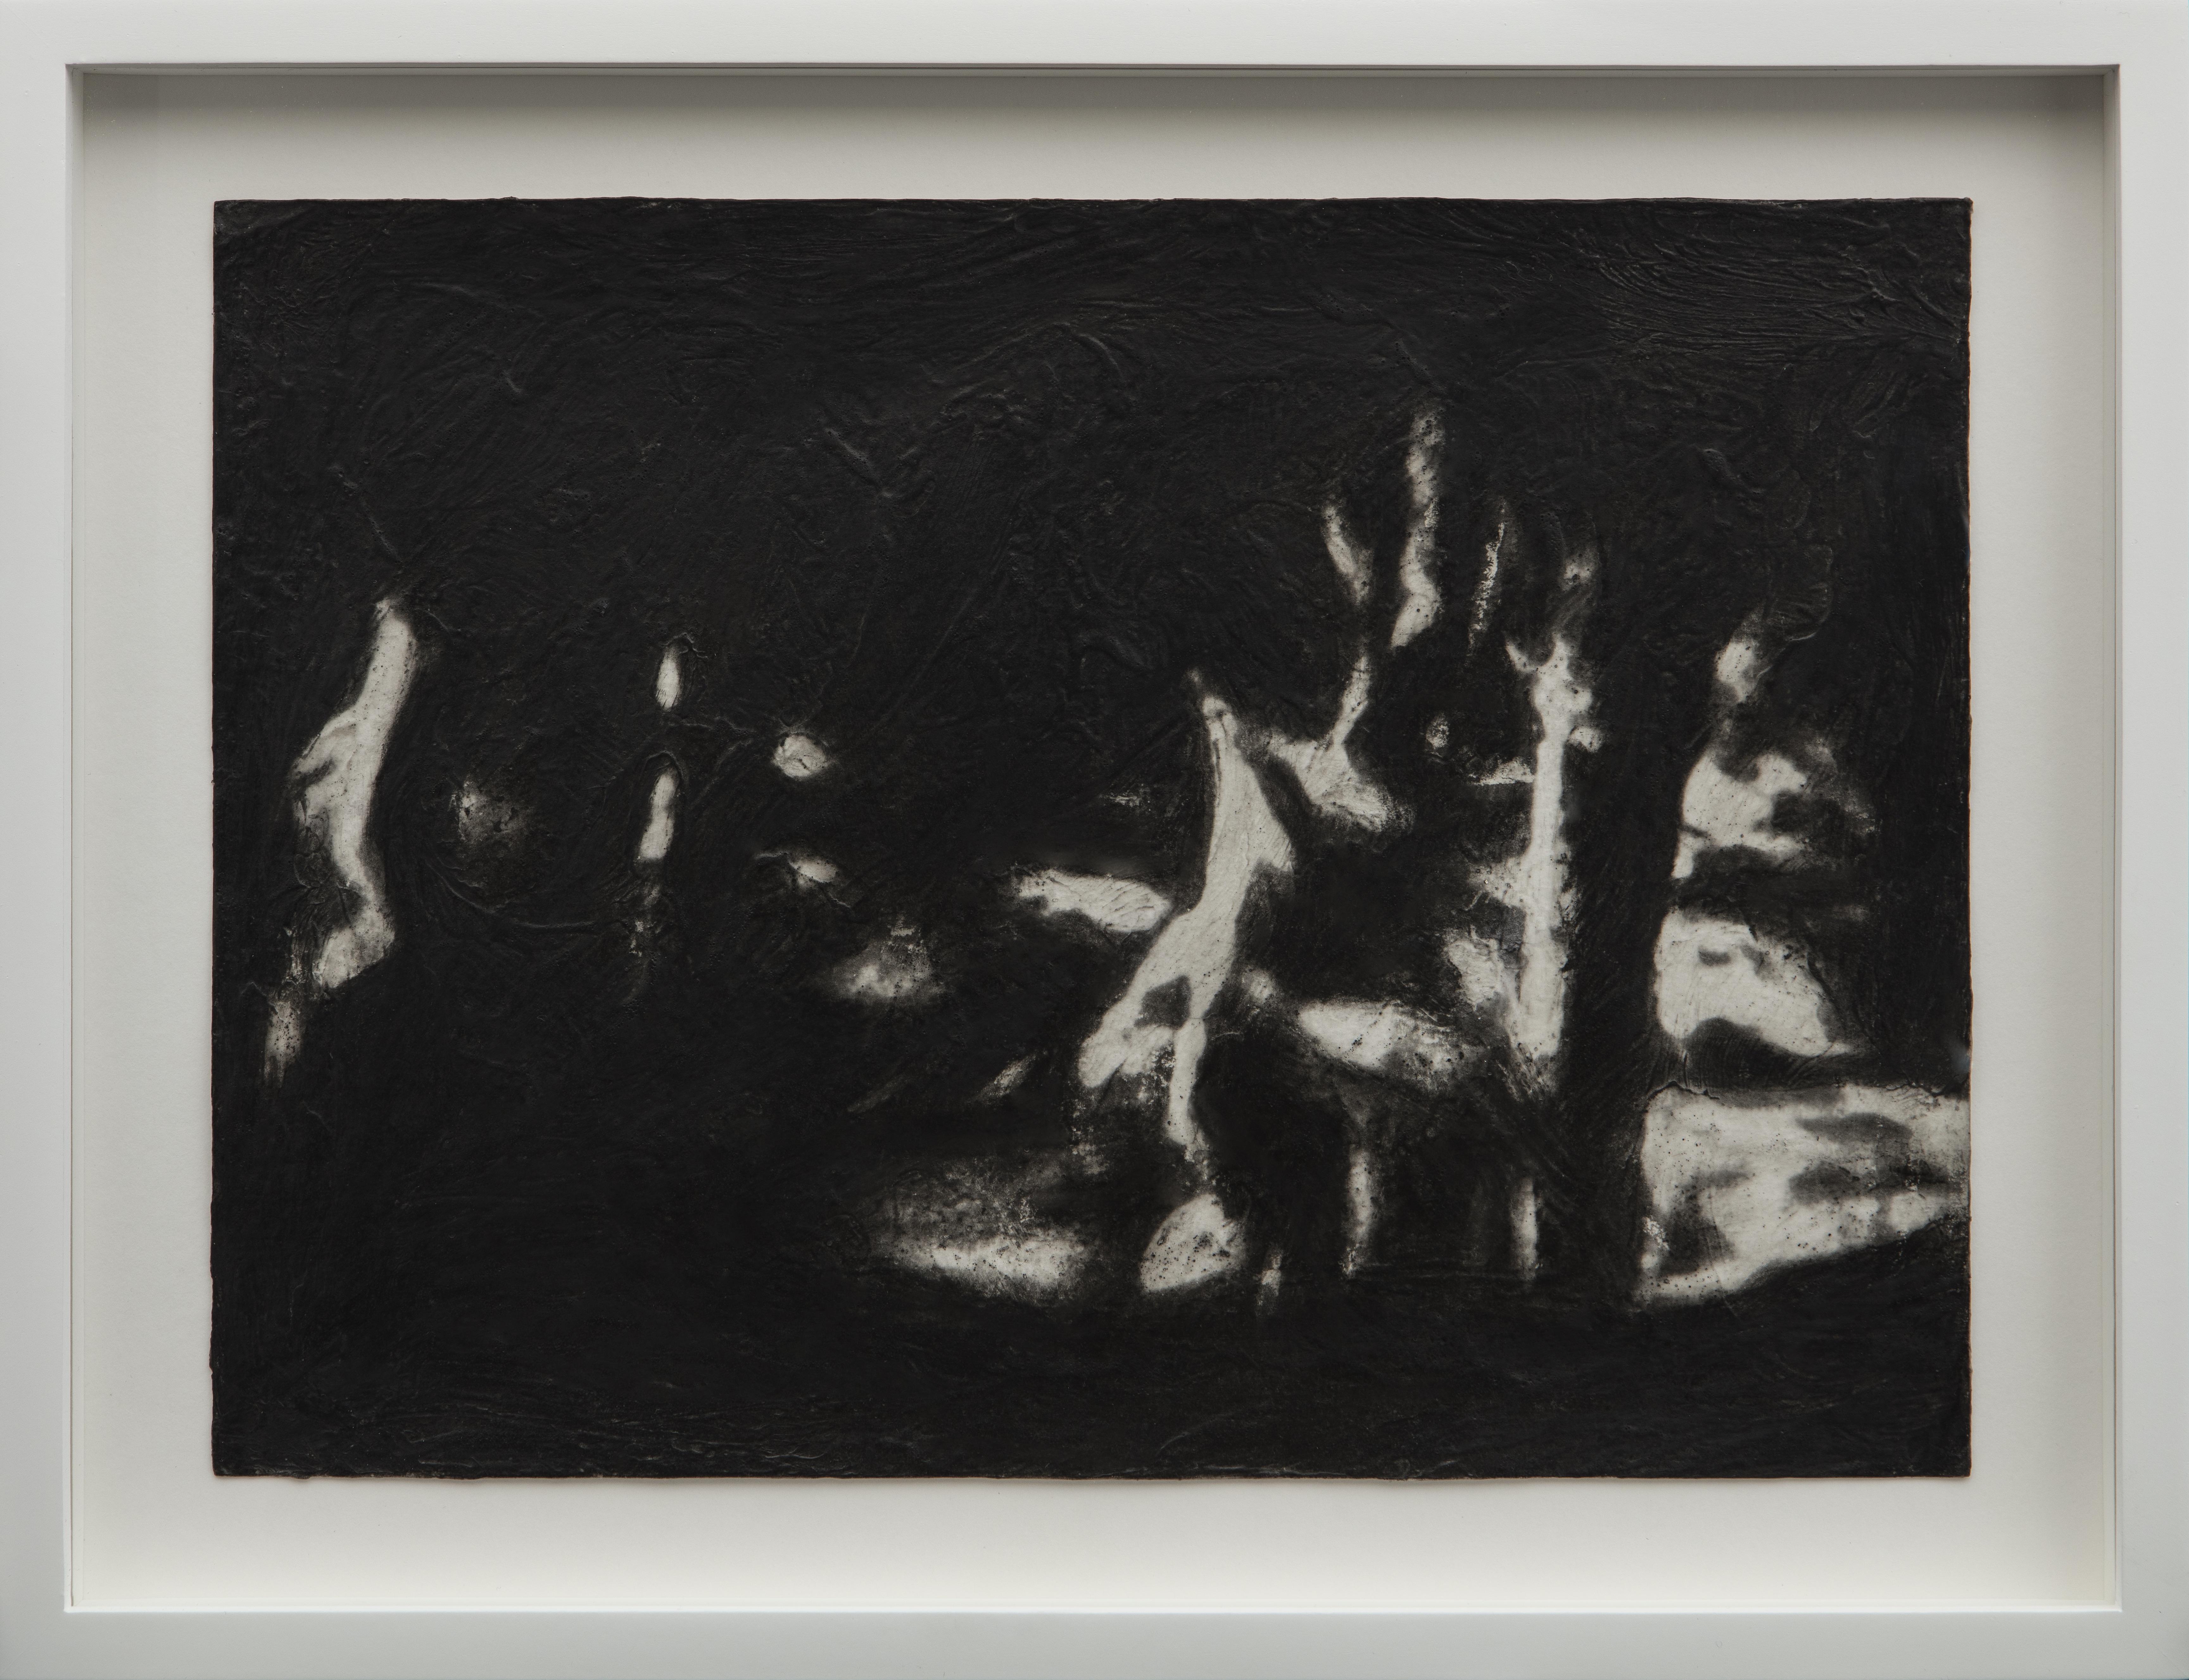 05_Canto II, 2017 Charcoal and acrylic m